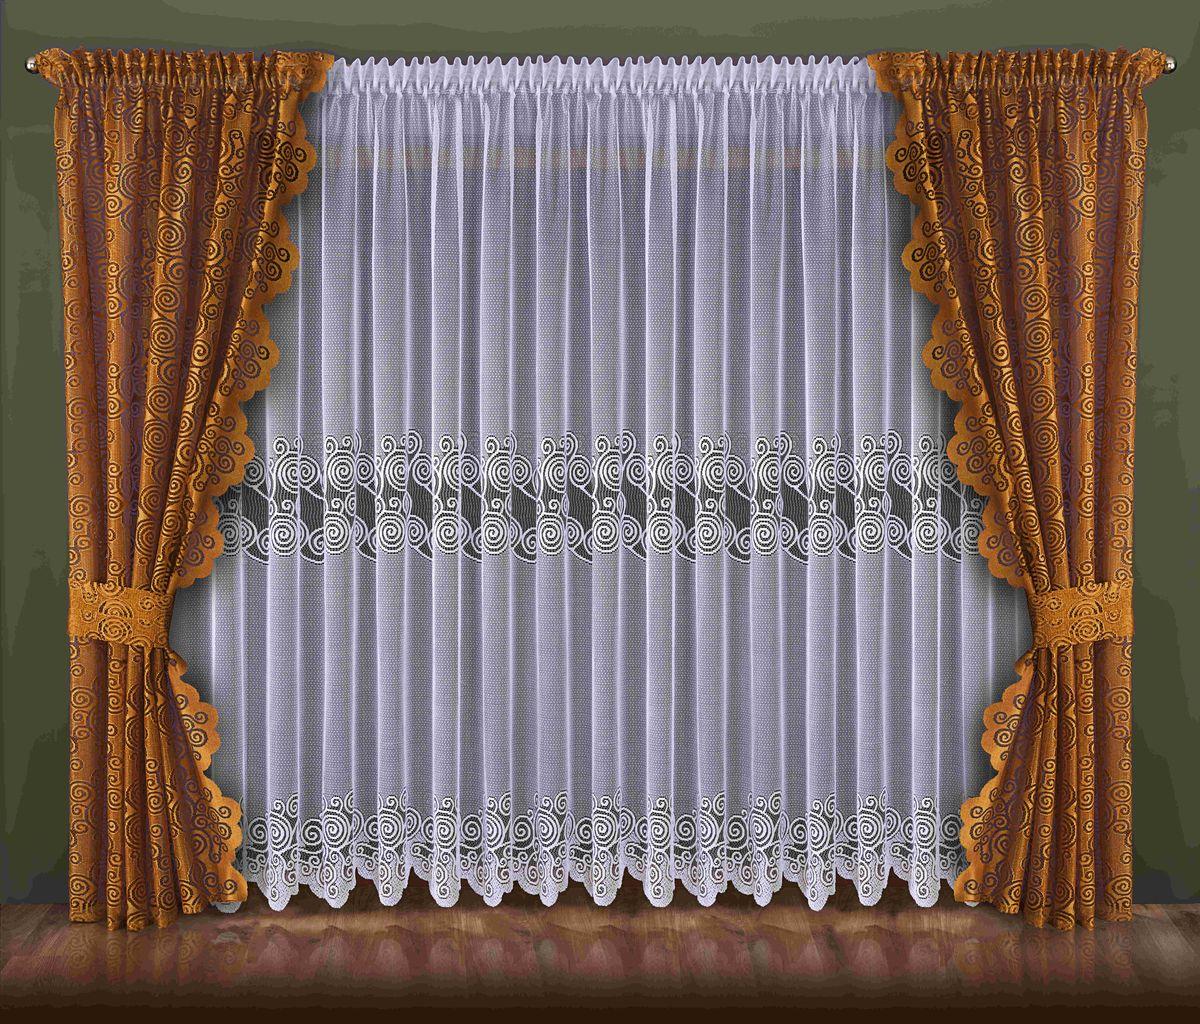 Комплект штор Wisan Waleriana, на ленте, цвет: белый, коричневый, высота 250 см092WКомплект штор Wisan Waleriana, выполненный из полиэстера, великолепно украсит любое окно. Тонкое плетение, оригинальный дизайн привлекут к себе внимание и органично впишутся в интерьер. В комплект входят 2 шторы, тюль и 2 подхвата. Кружевной узор придает комплекту особый стиль и шарм. Тонкое плетение, нежная цветовая гамма и роскошное исполнение - все это делает шторы Wisan Waleriana замечательным дополнением интерьера помещения. Шторы оснащены шторной лентой для красивой сборки. В комплект входит: Штора - 2 шт. Размер (ШхВ): 140 см х 250 см. Тюль - 1 шт. Размер (ШхВ): 400 см х 250 см. Подхват - 2 шт.Фирма Wisan на польском рынке существует уже более пятидесяти лет и является одной из лучших польских фабрик по производству штор и тканей. Ассортимент фирмы представлен готовыми комплектами штор для гостиной, детской, кухни, а также текстилем для кухни (скатерти, салфетки, дорожки, кухонные занавески). Модельный ряд отличает оригинальный дизайн, высокое качество. Ассортимент продукции постоянно пополняется.